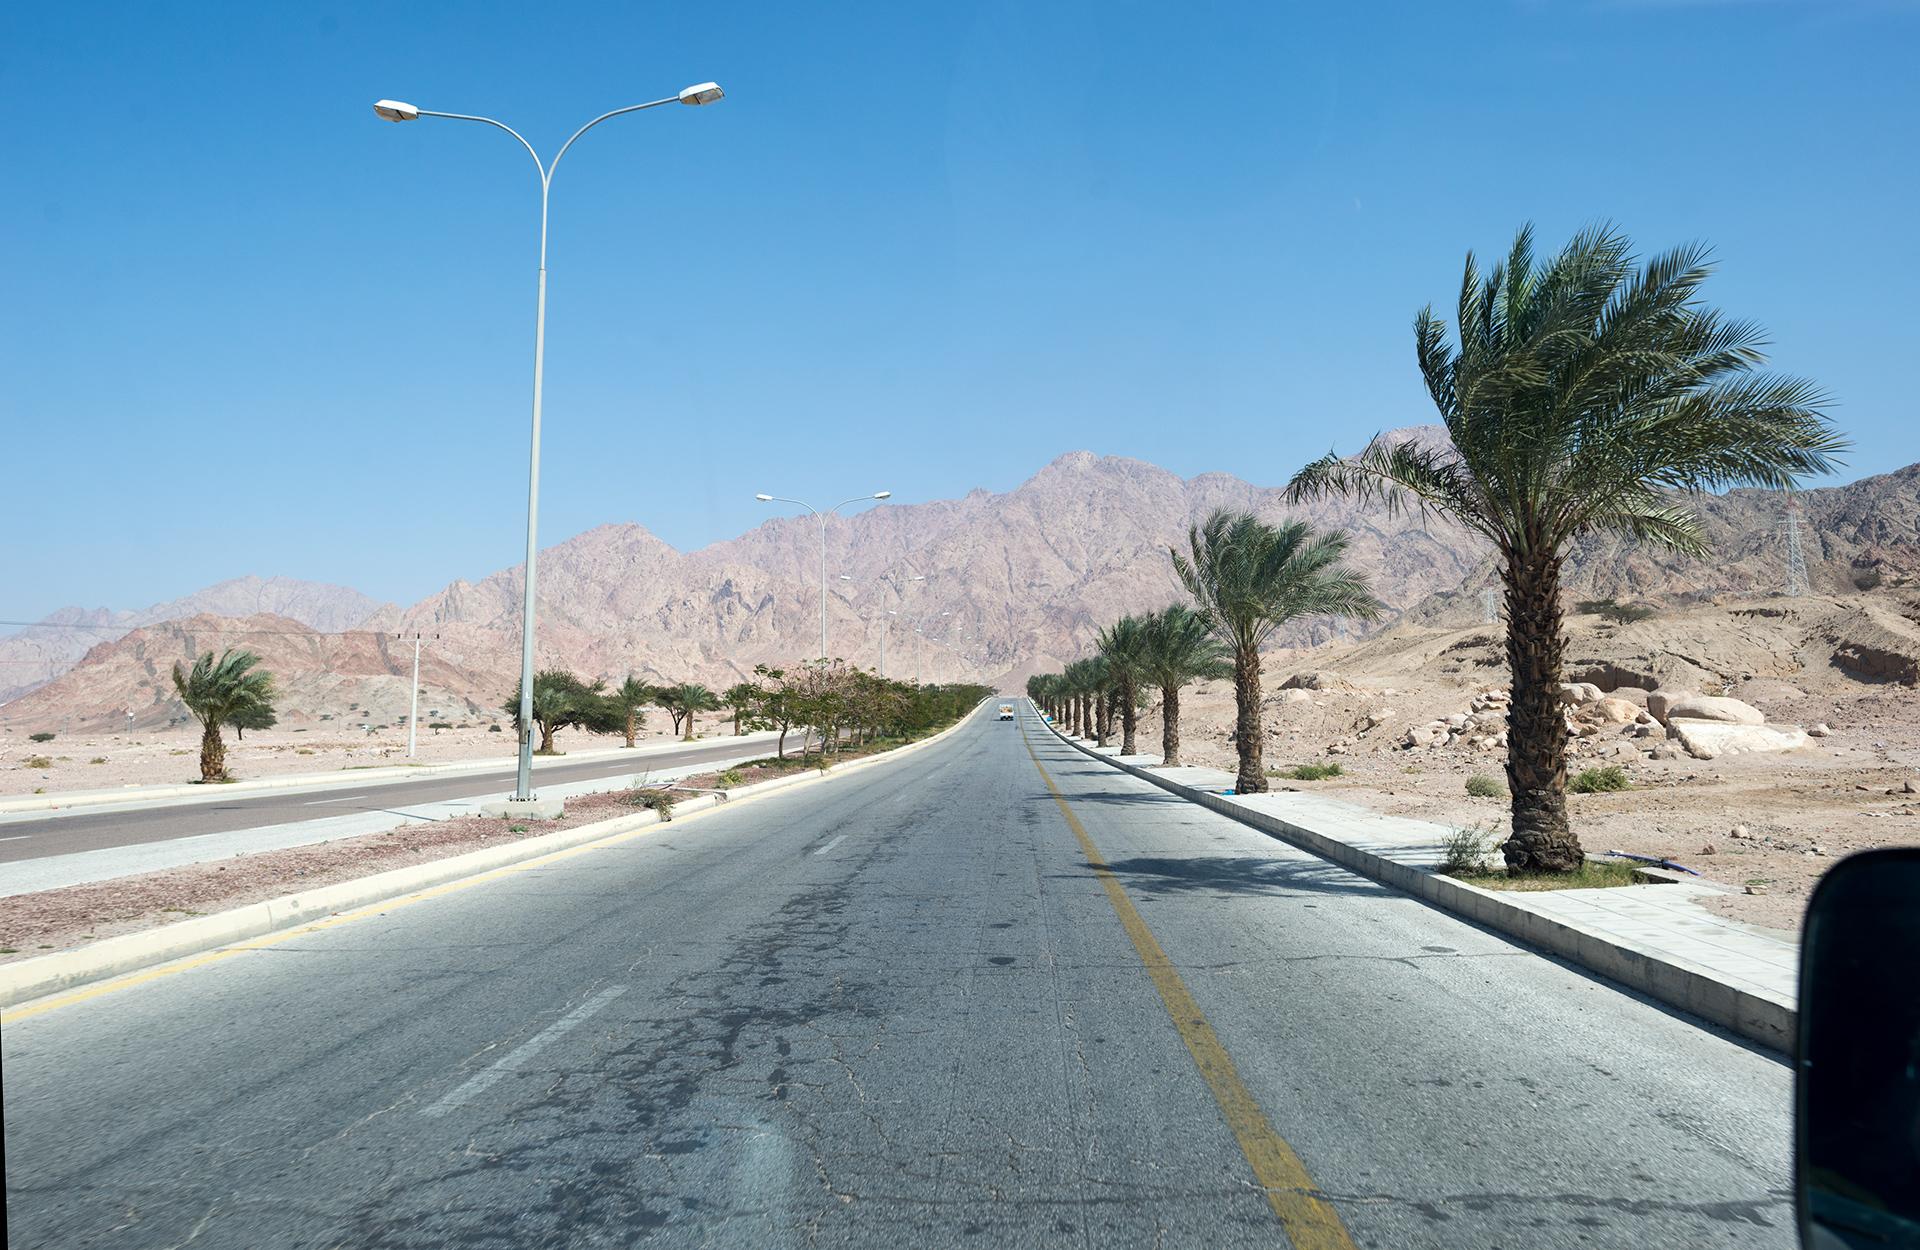 Aqaba highway